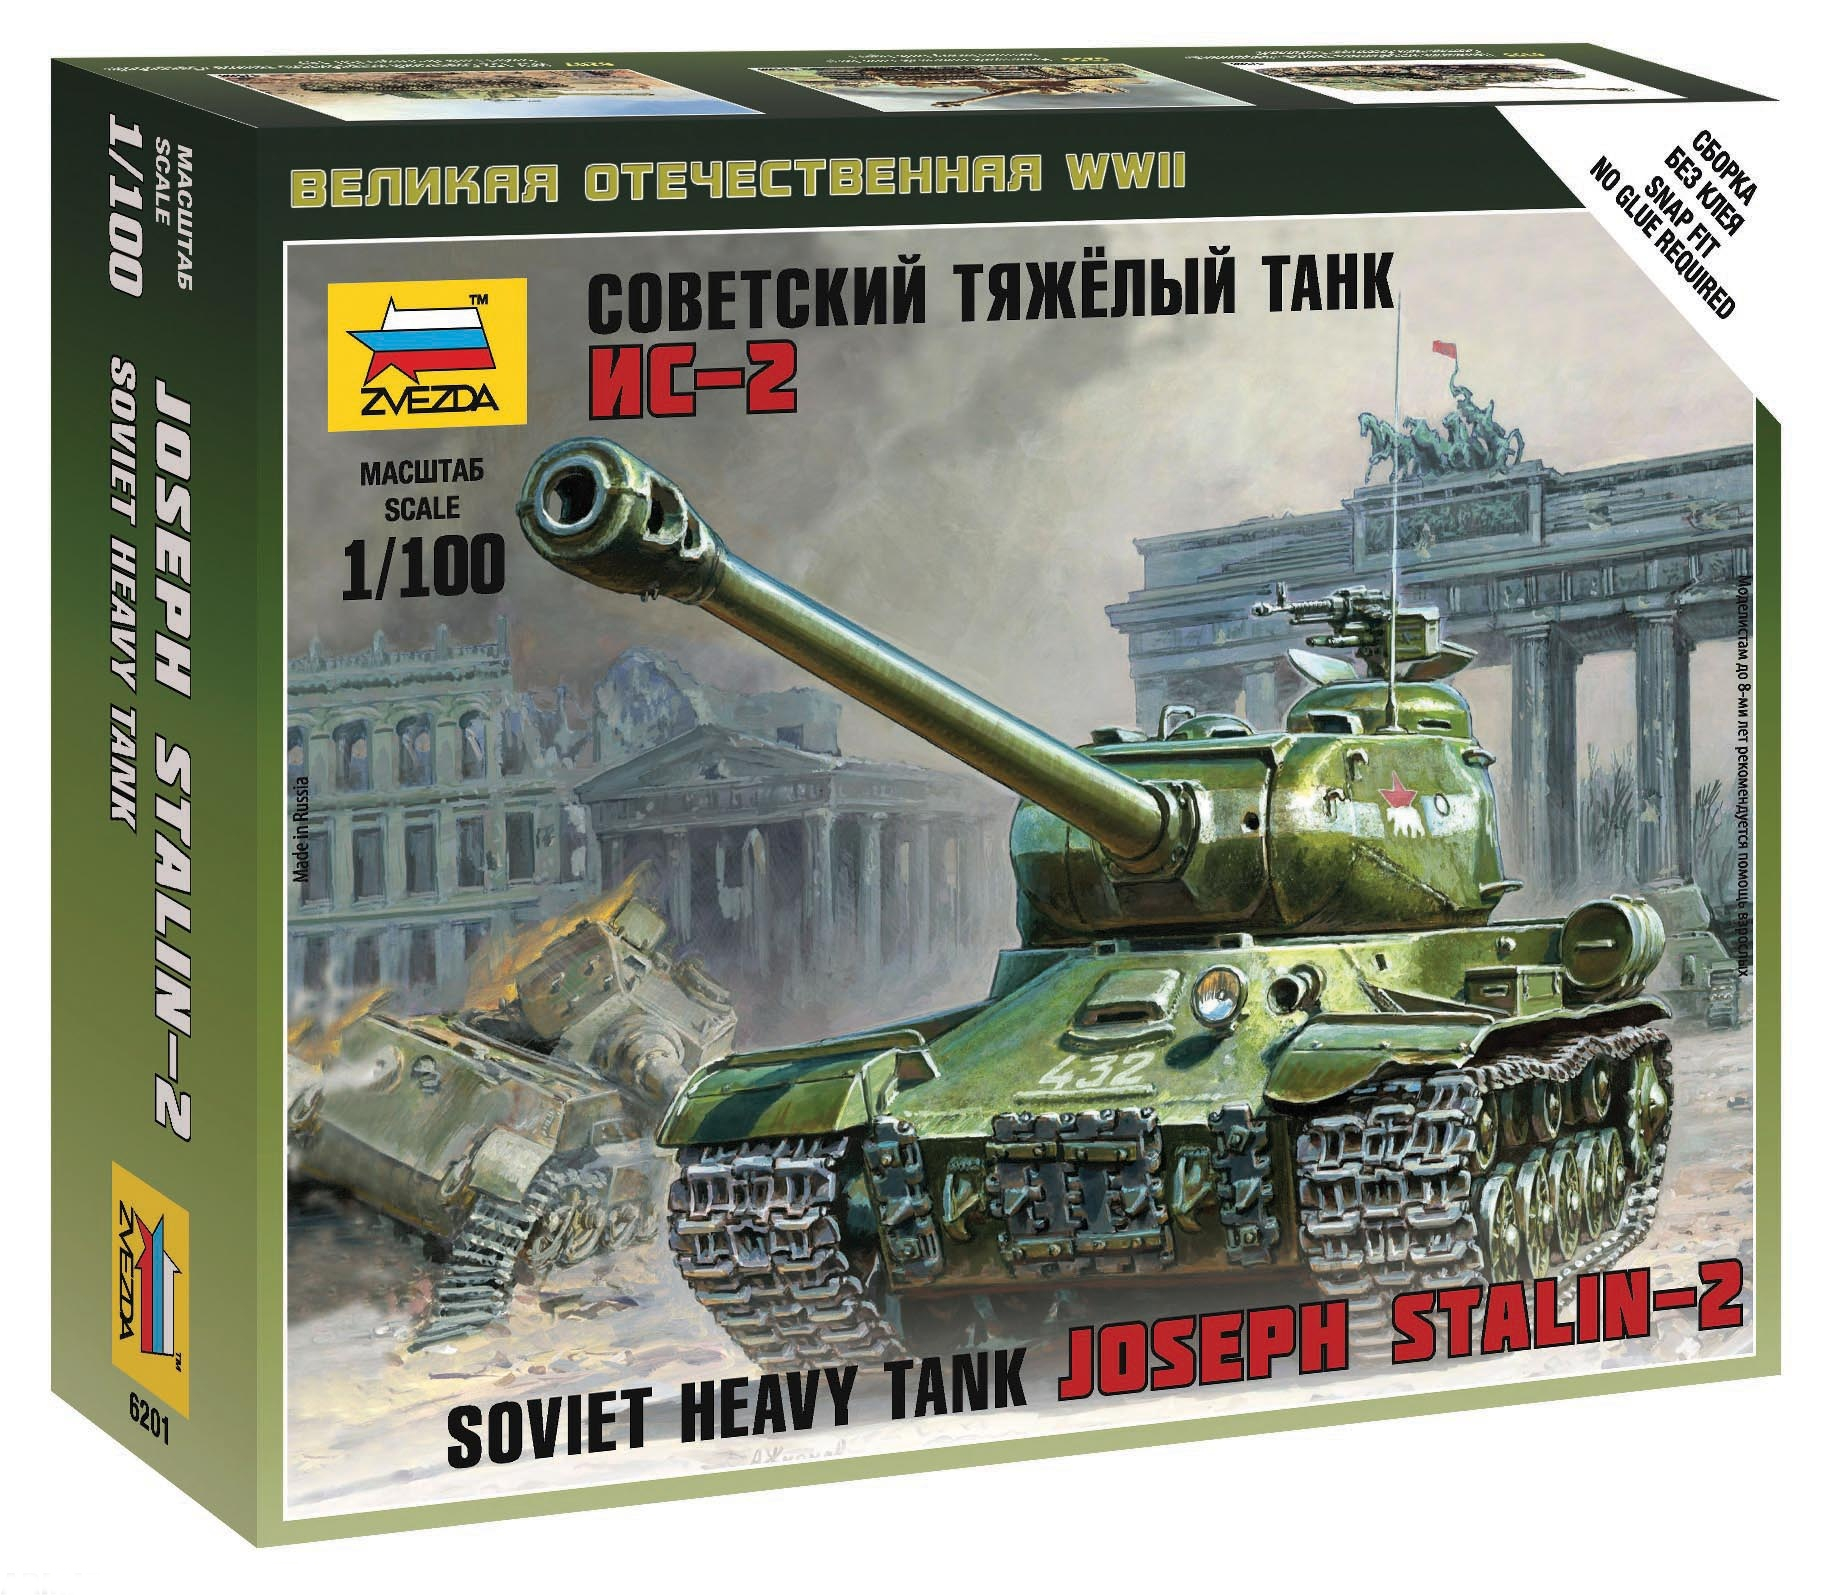 Модель сборна - Советский тжёлый танк Ис-2Модели танков дл склеивани<br>Модель сборна - Советский тжёлый танк Ис-2<br>